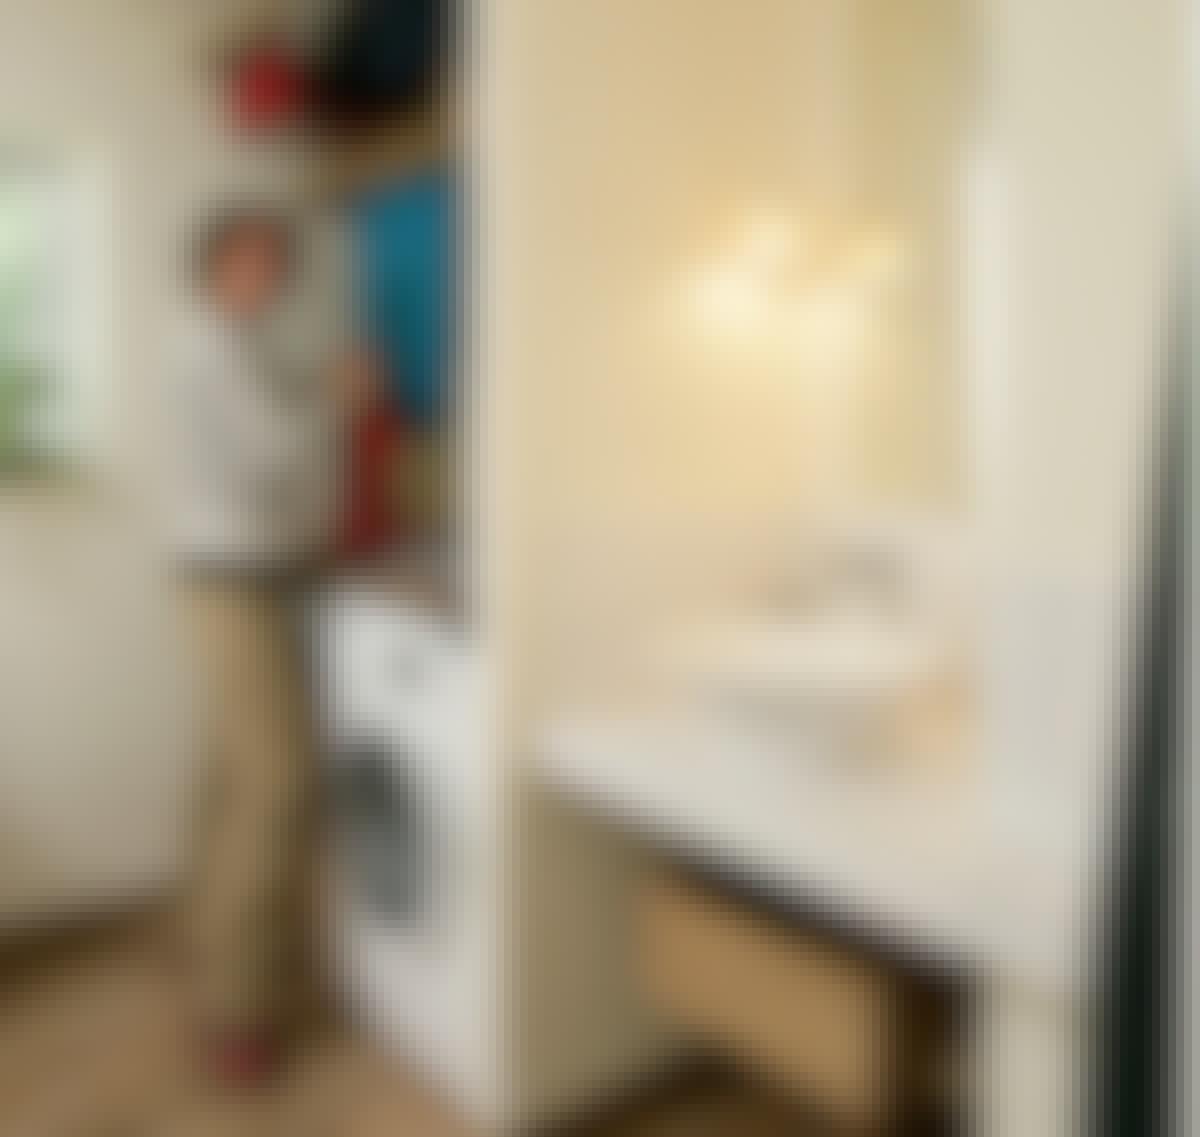 Flott vaskeplass til både klær og hender